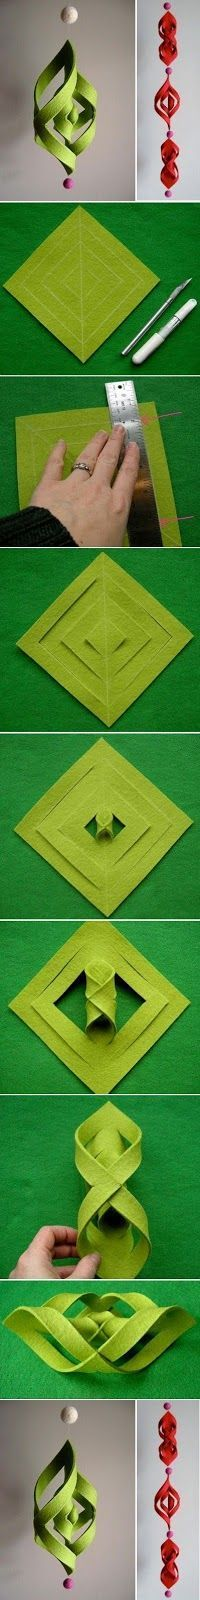 Kidissimo: Une décoration de noël à fabriquer soi-même en feutrine.